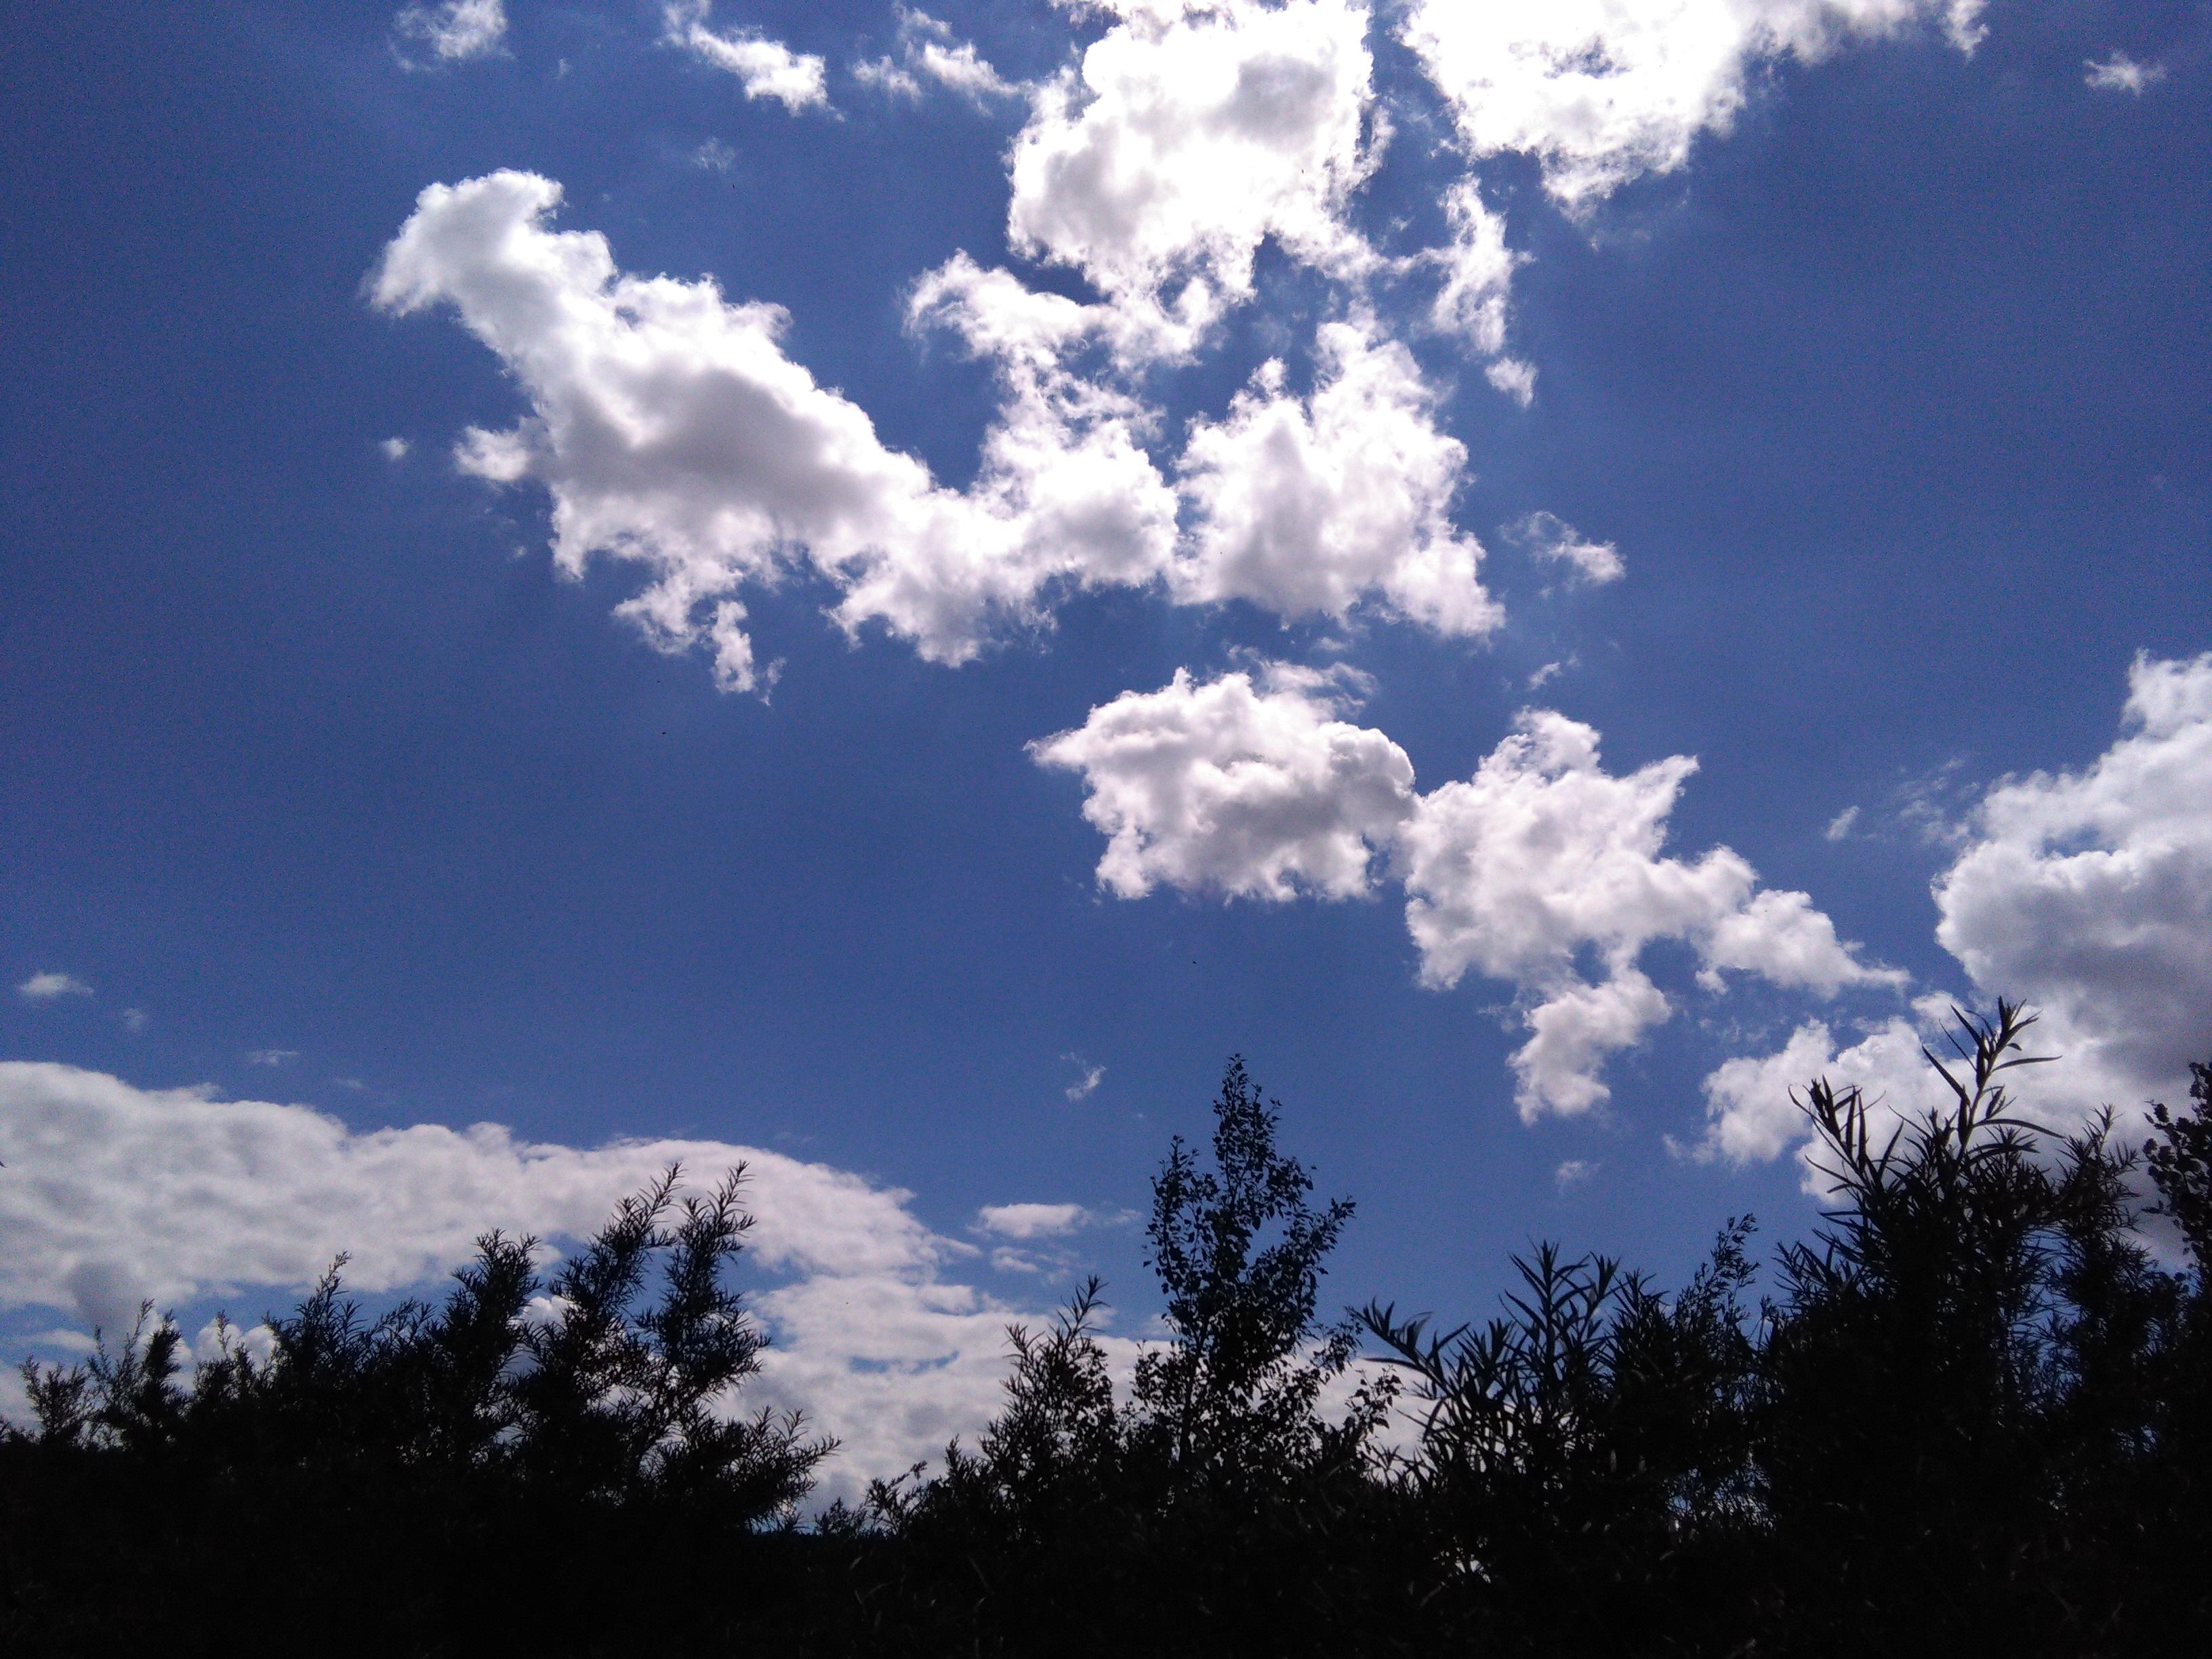 фотографии облачного неба естественные без прикрас